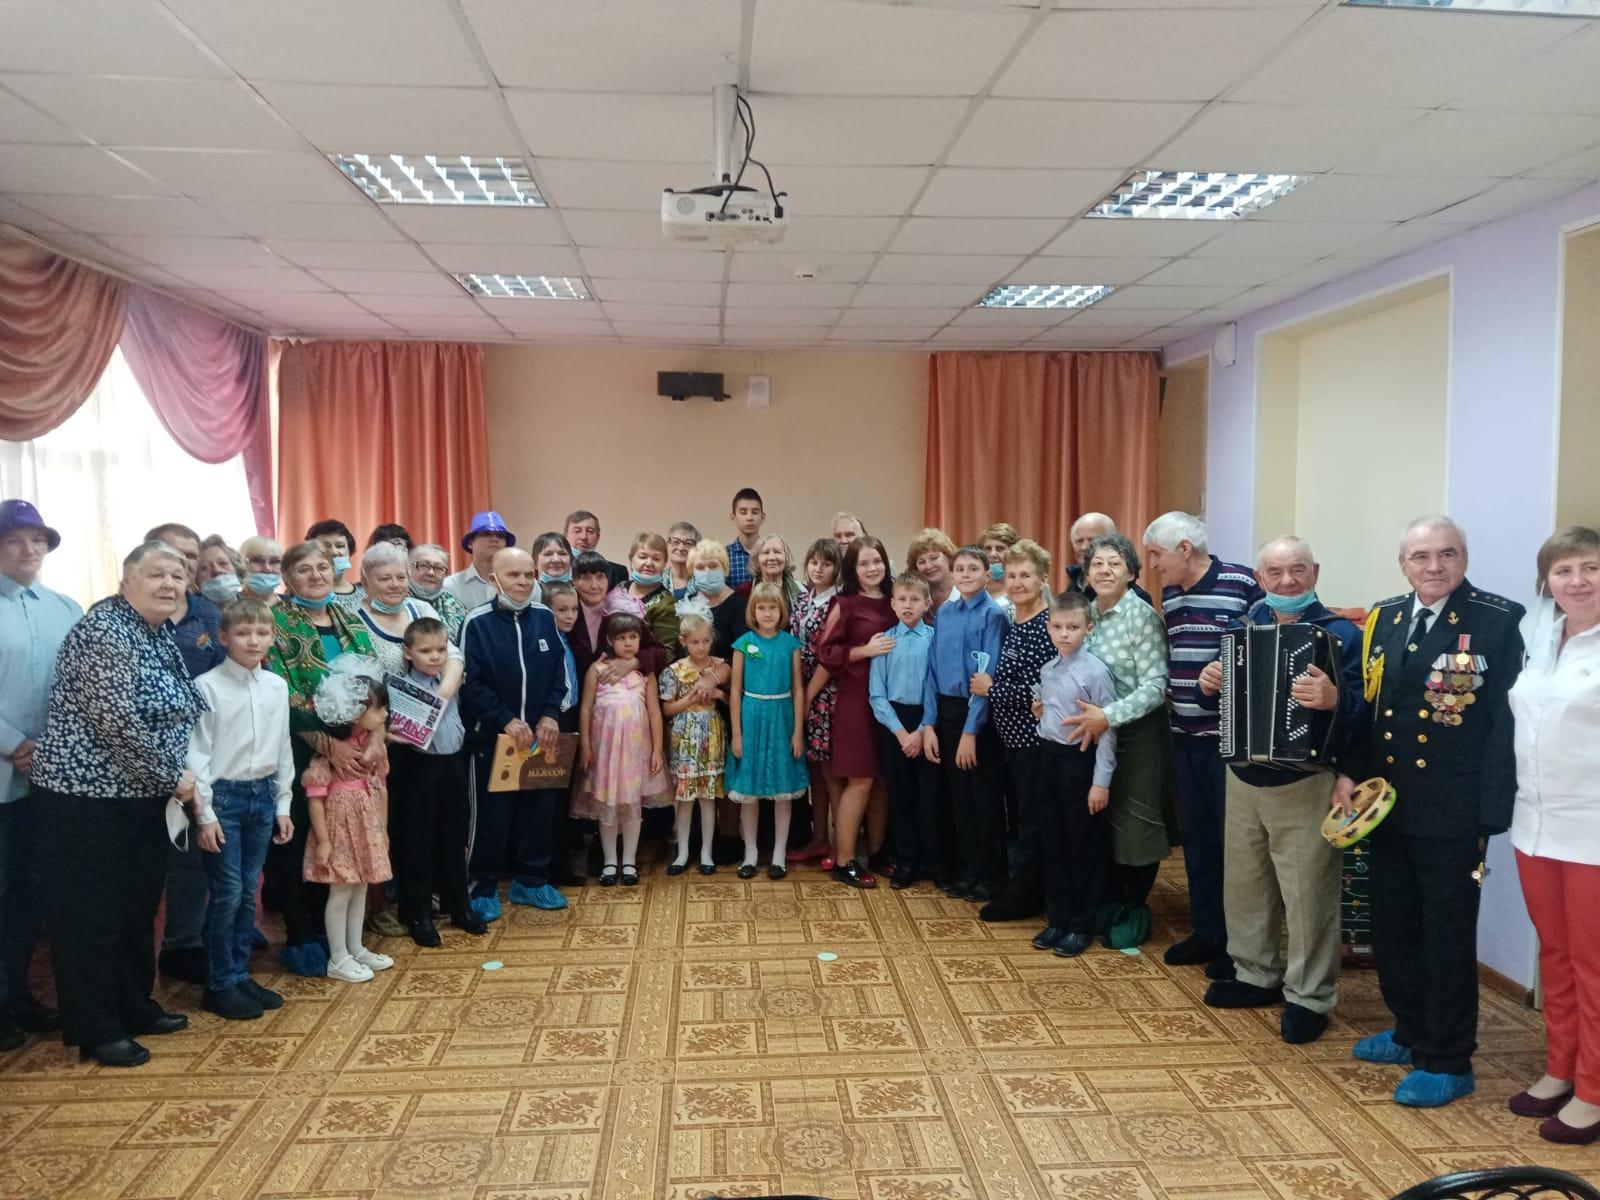 Закрытие проекта Связь Поколений в МКУ СРЦ Радуга